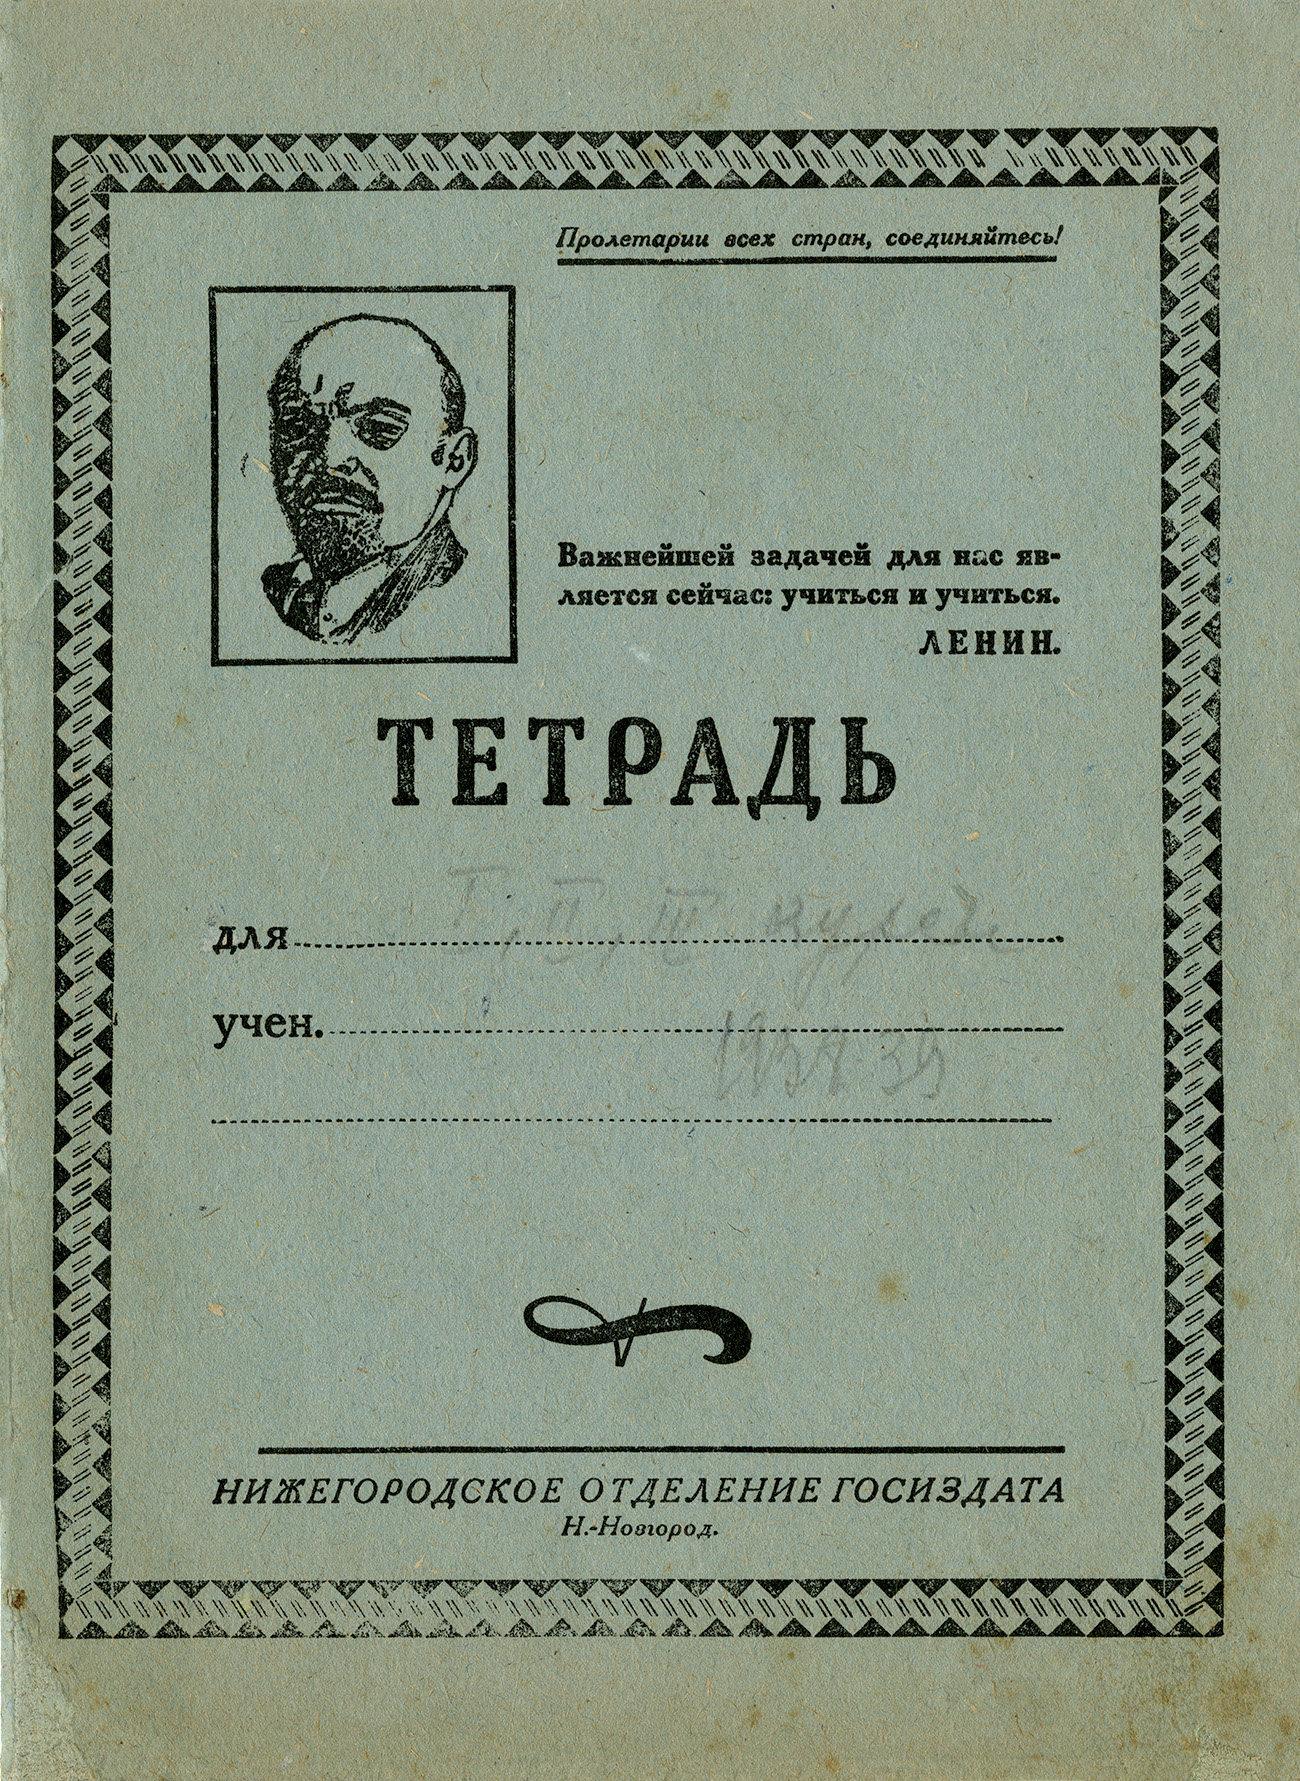 Тетрадь Ленин, 1932, Н. Новгород, 155х210